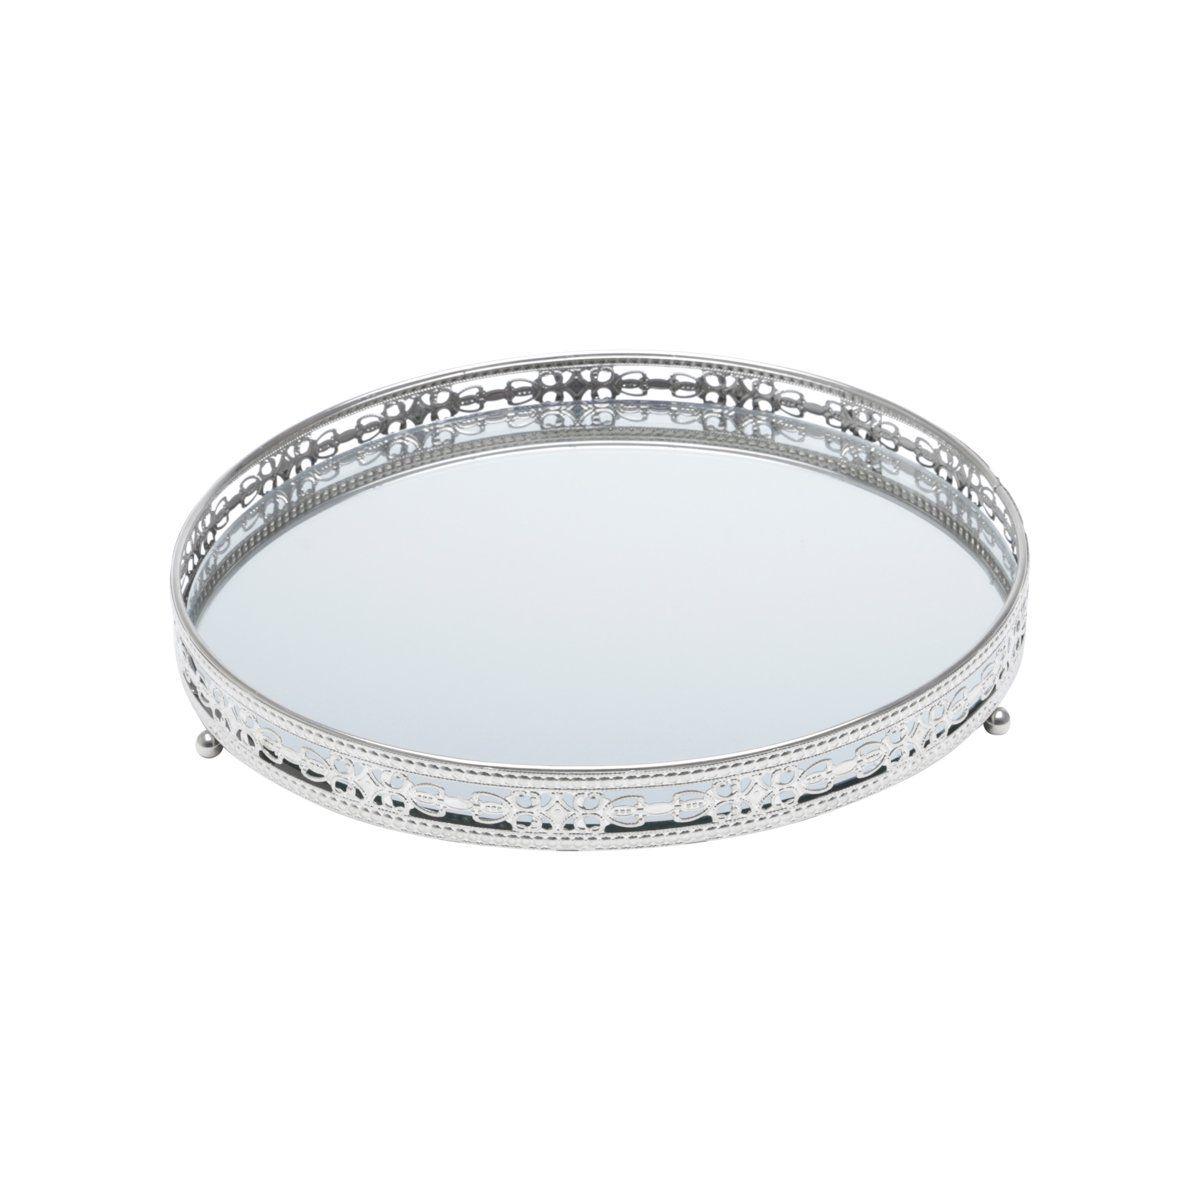 Bandeja suporte 19,5 cm de ferro prata com espelho Bunch Wolff - 27207